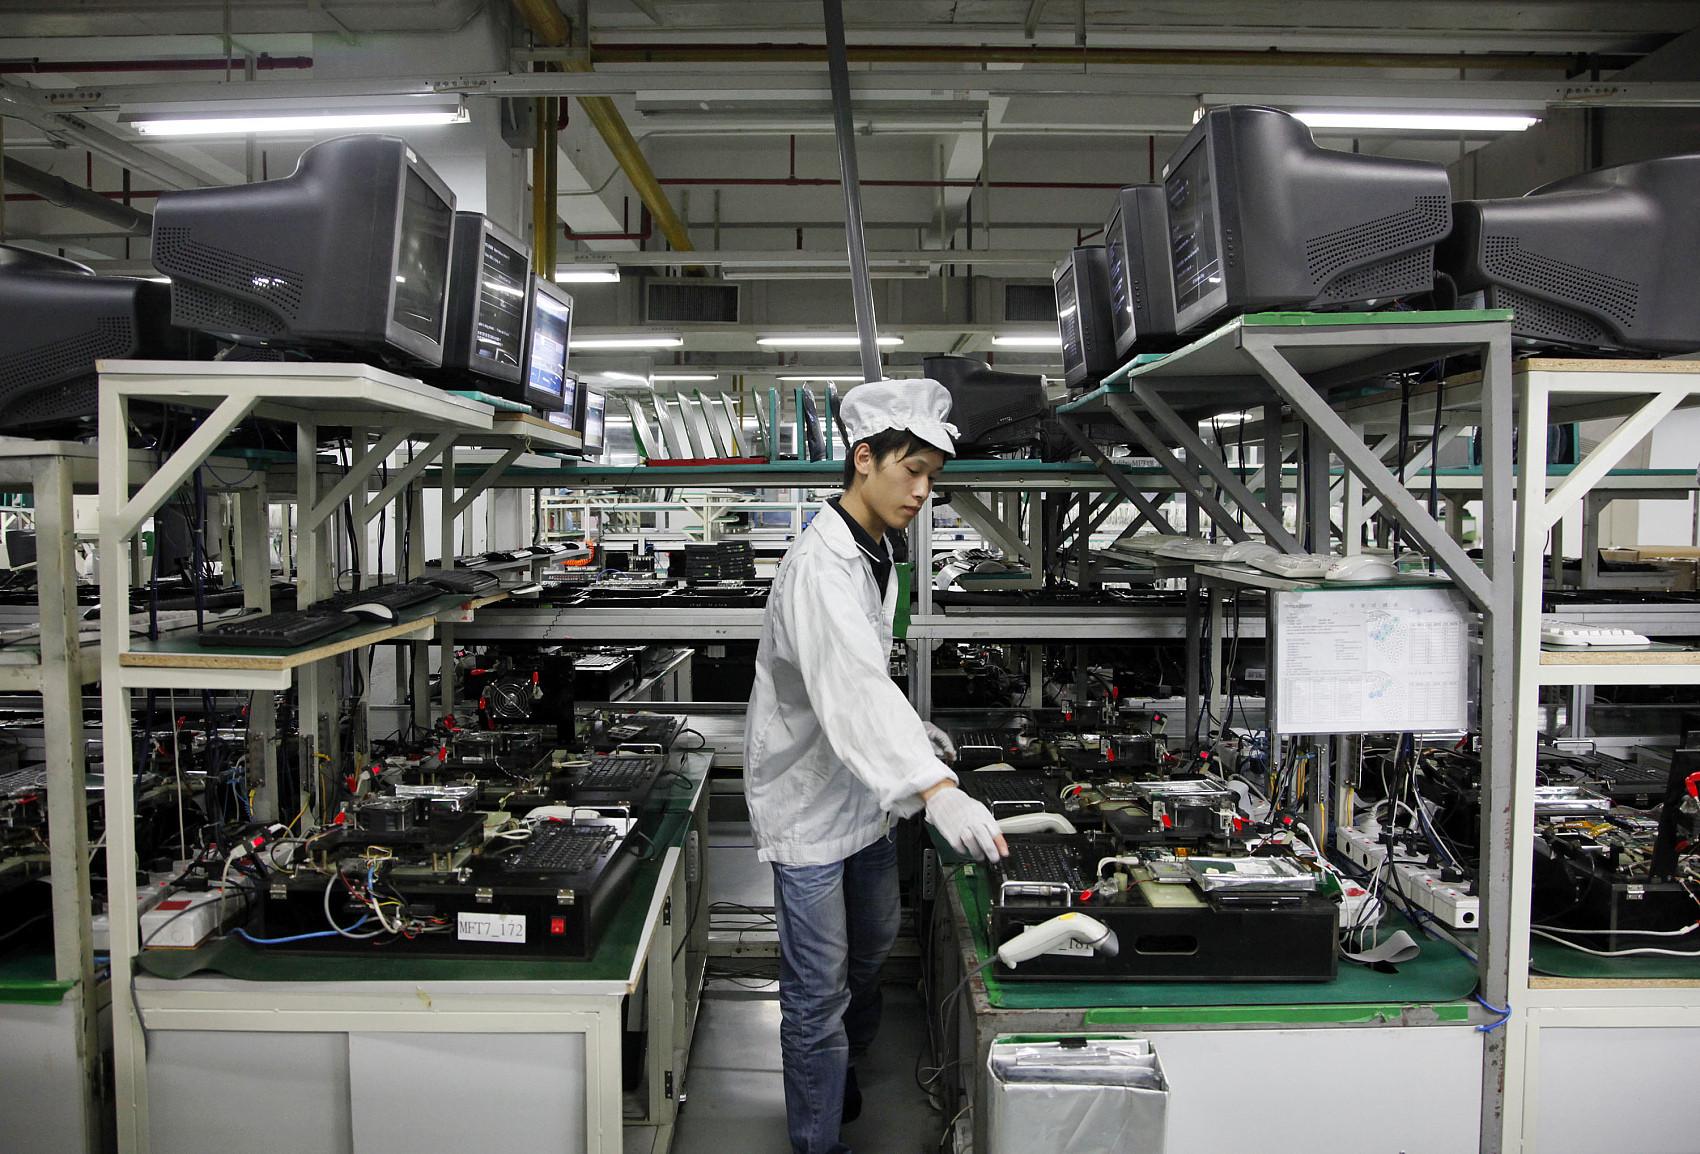 供應鏈,拜登,美國,半導體,稀土,晶圓,ICT產品,製造業,經濟安全